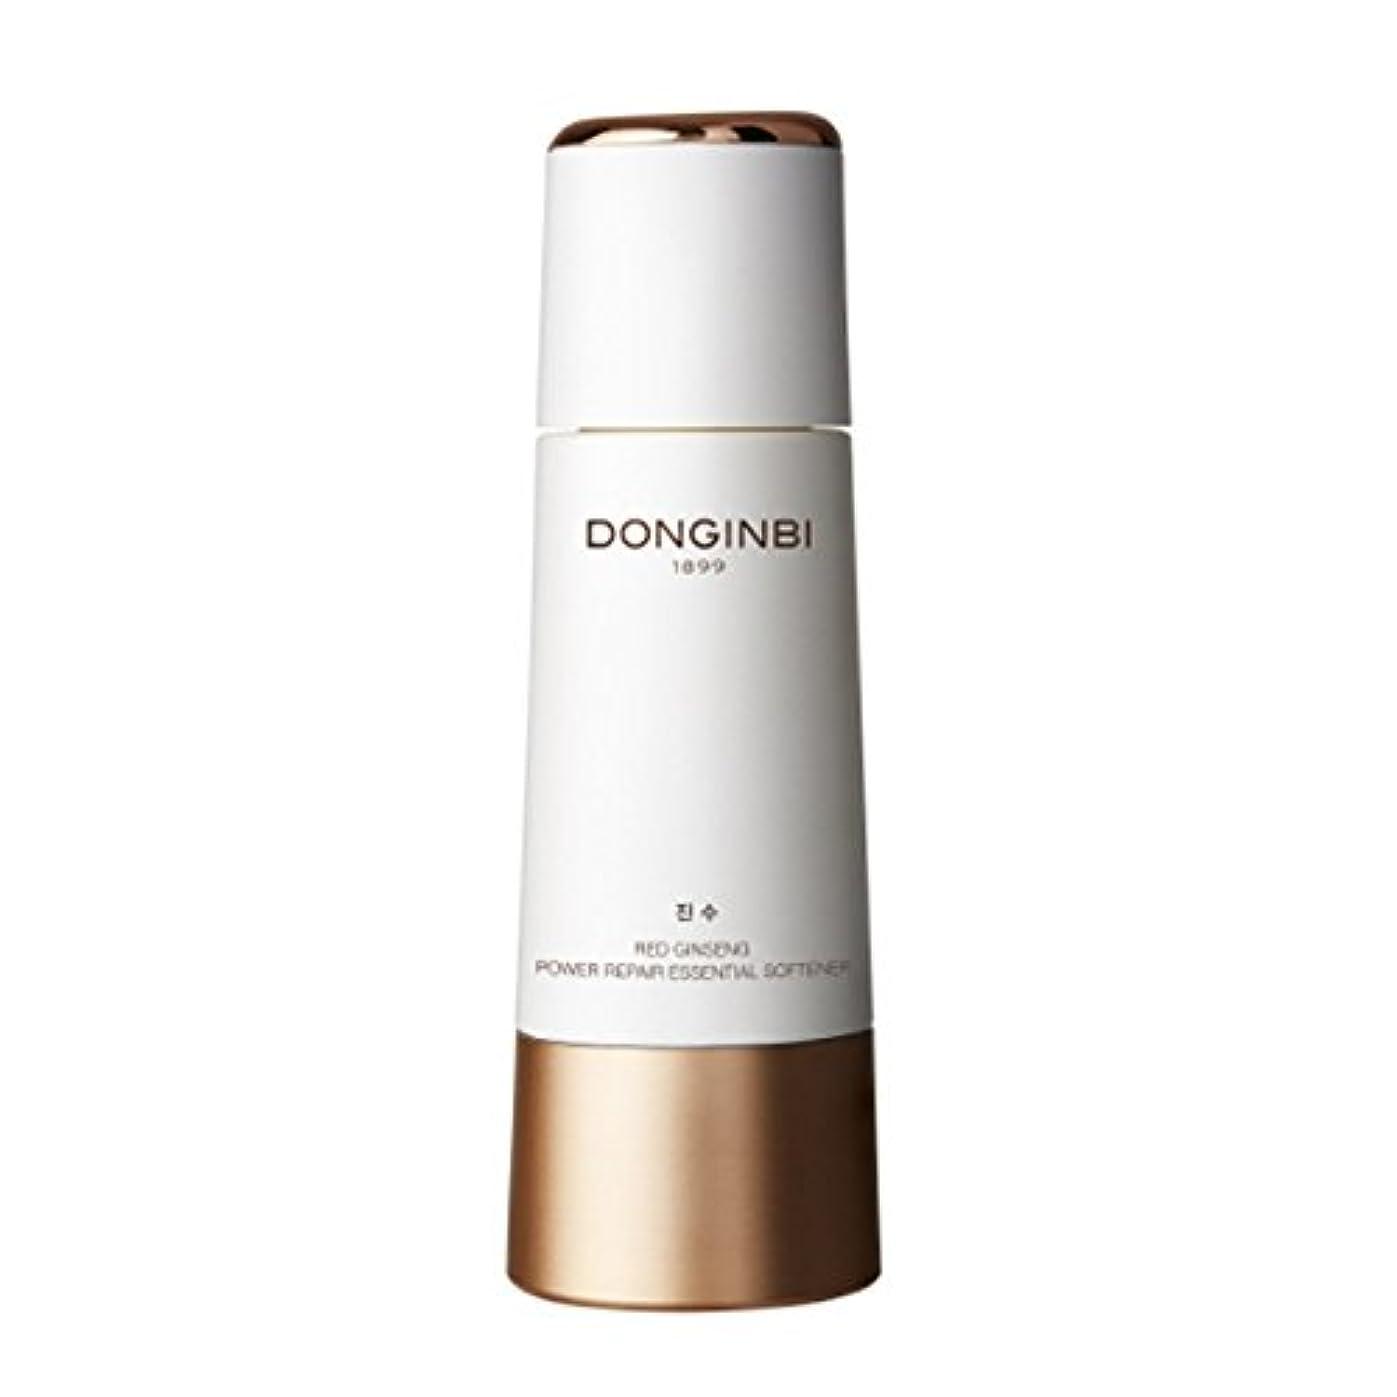 ヘッドレスフローティング話[ドンインビ]DONGINBI ドンインビ ジン化粧水 130ml 海外直送品 toner130ml [並行輸入品]